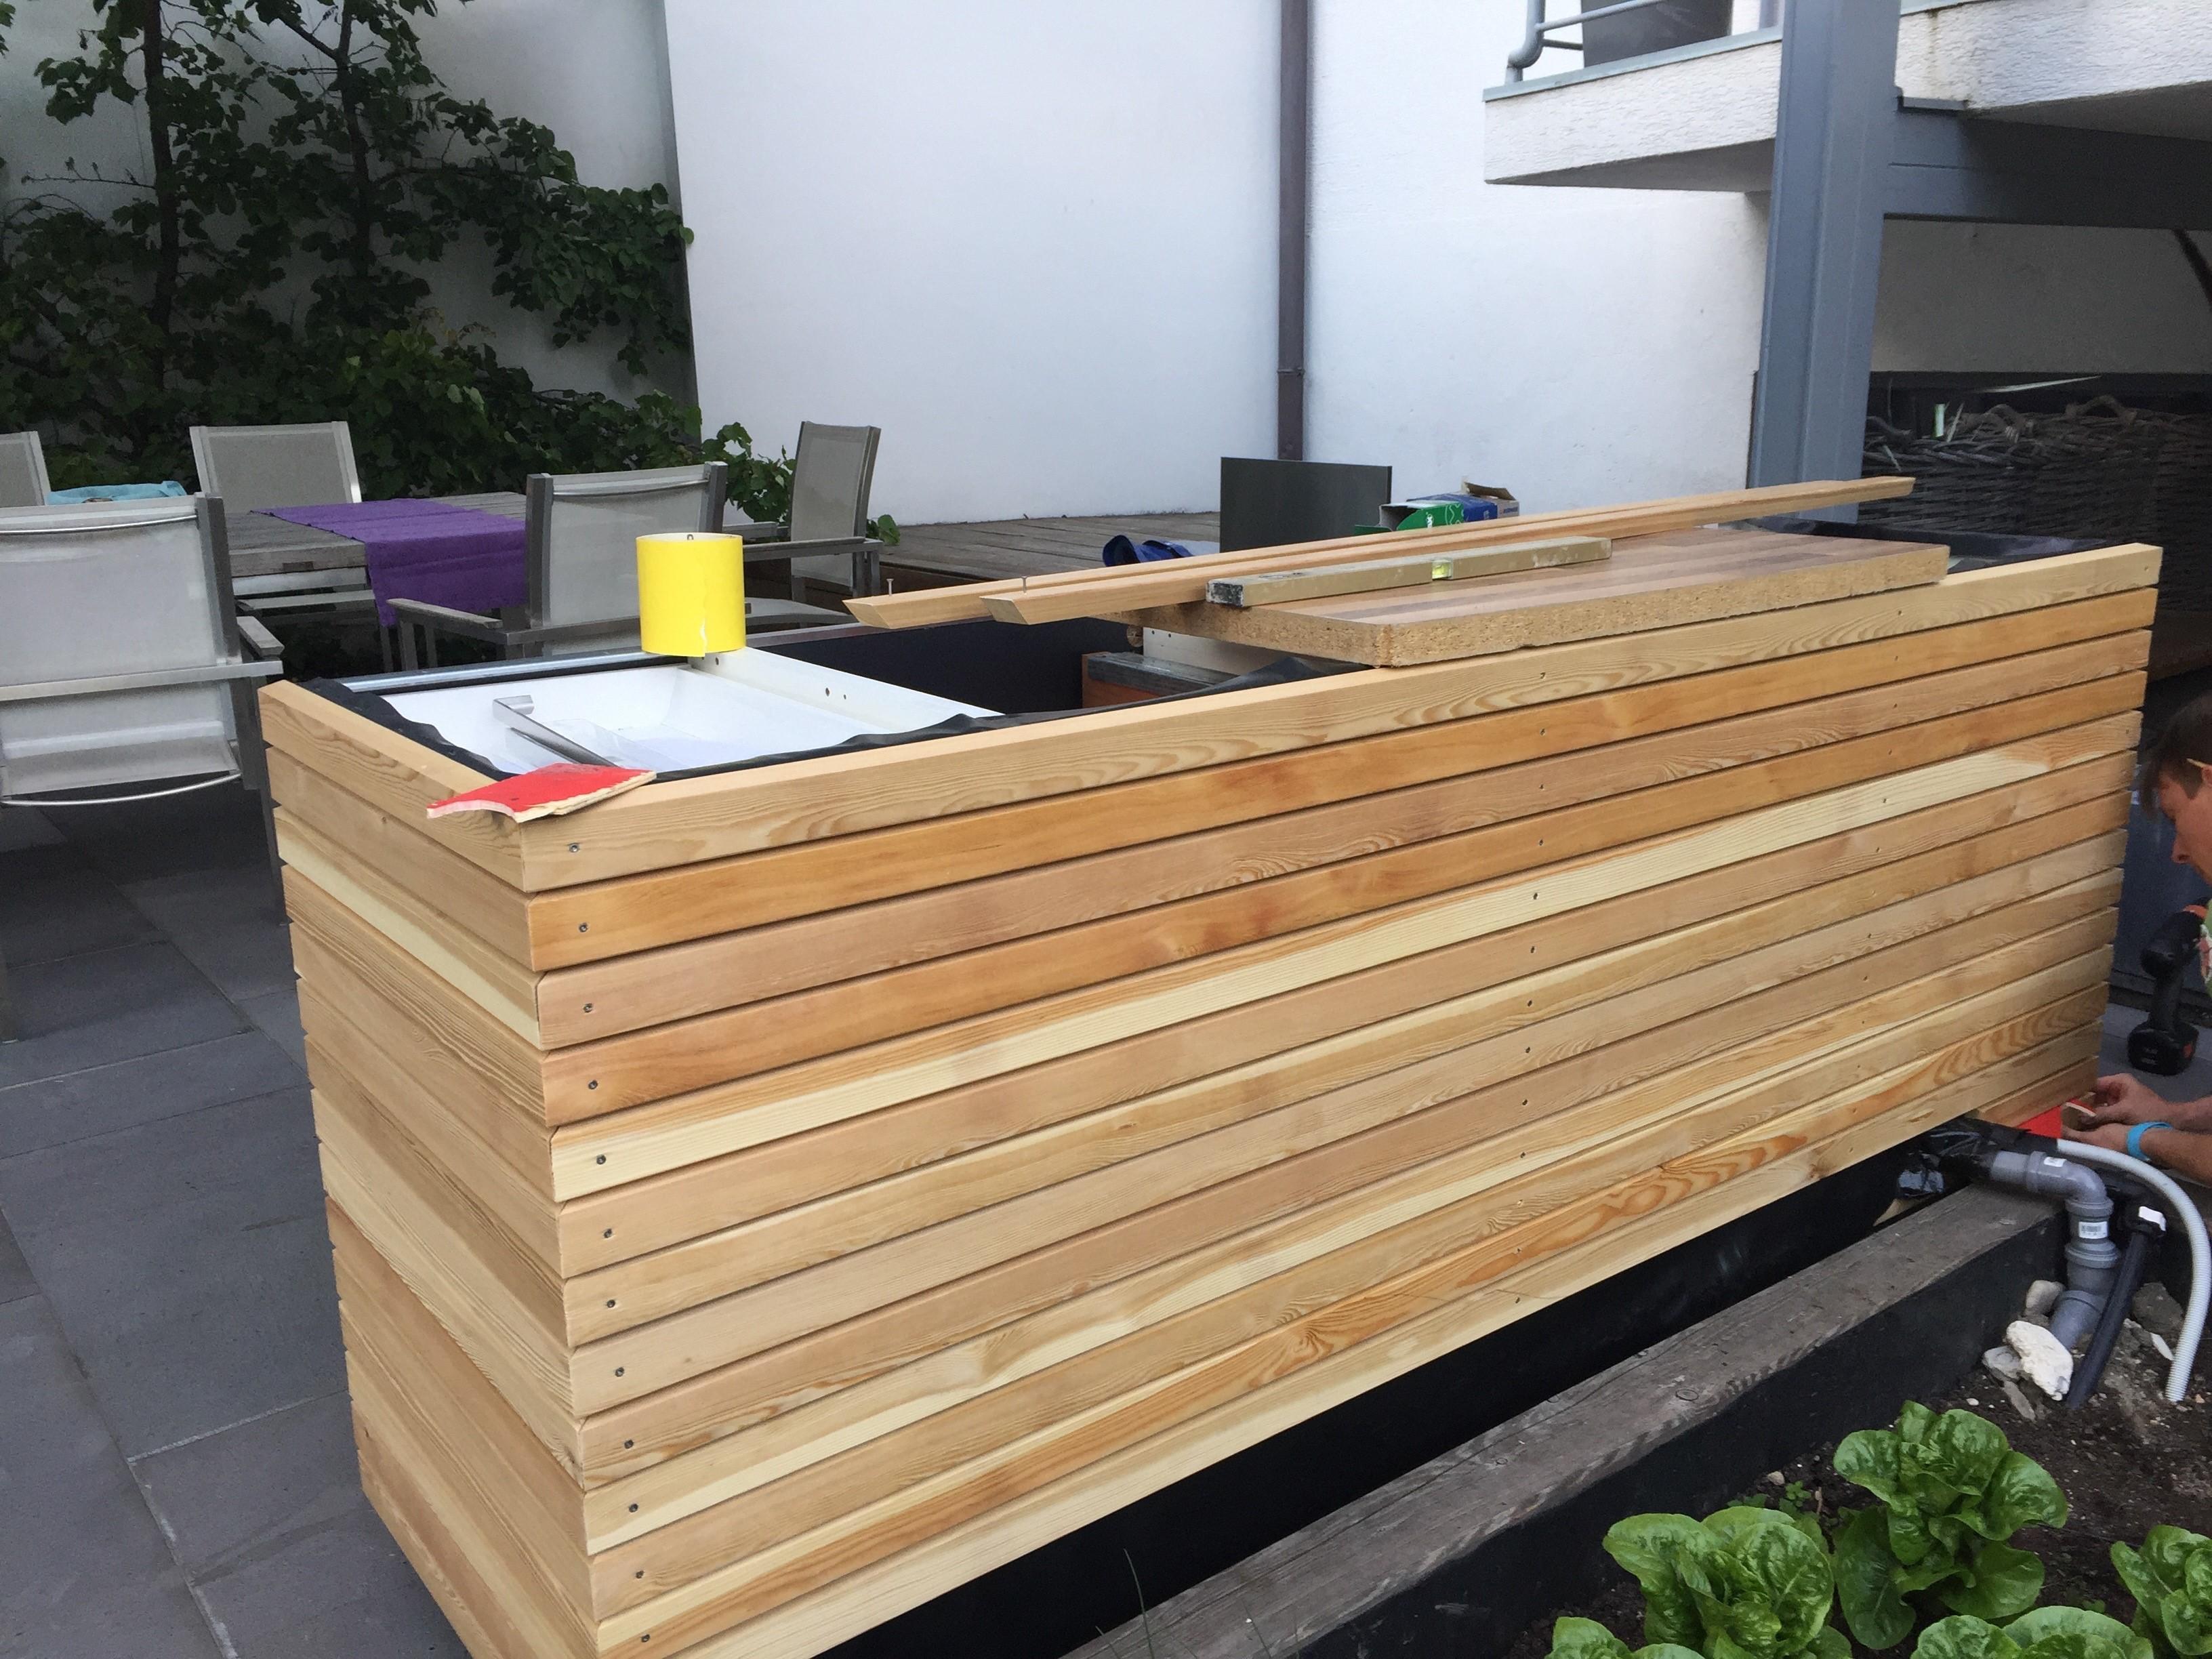 DIY Outdoorküche - Ikea Hack | Rut Morawetz